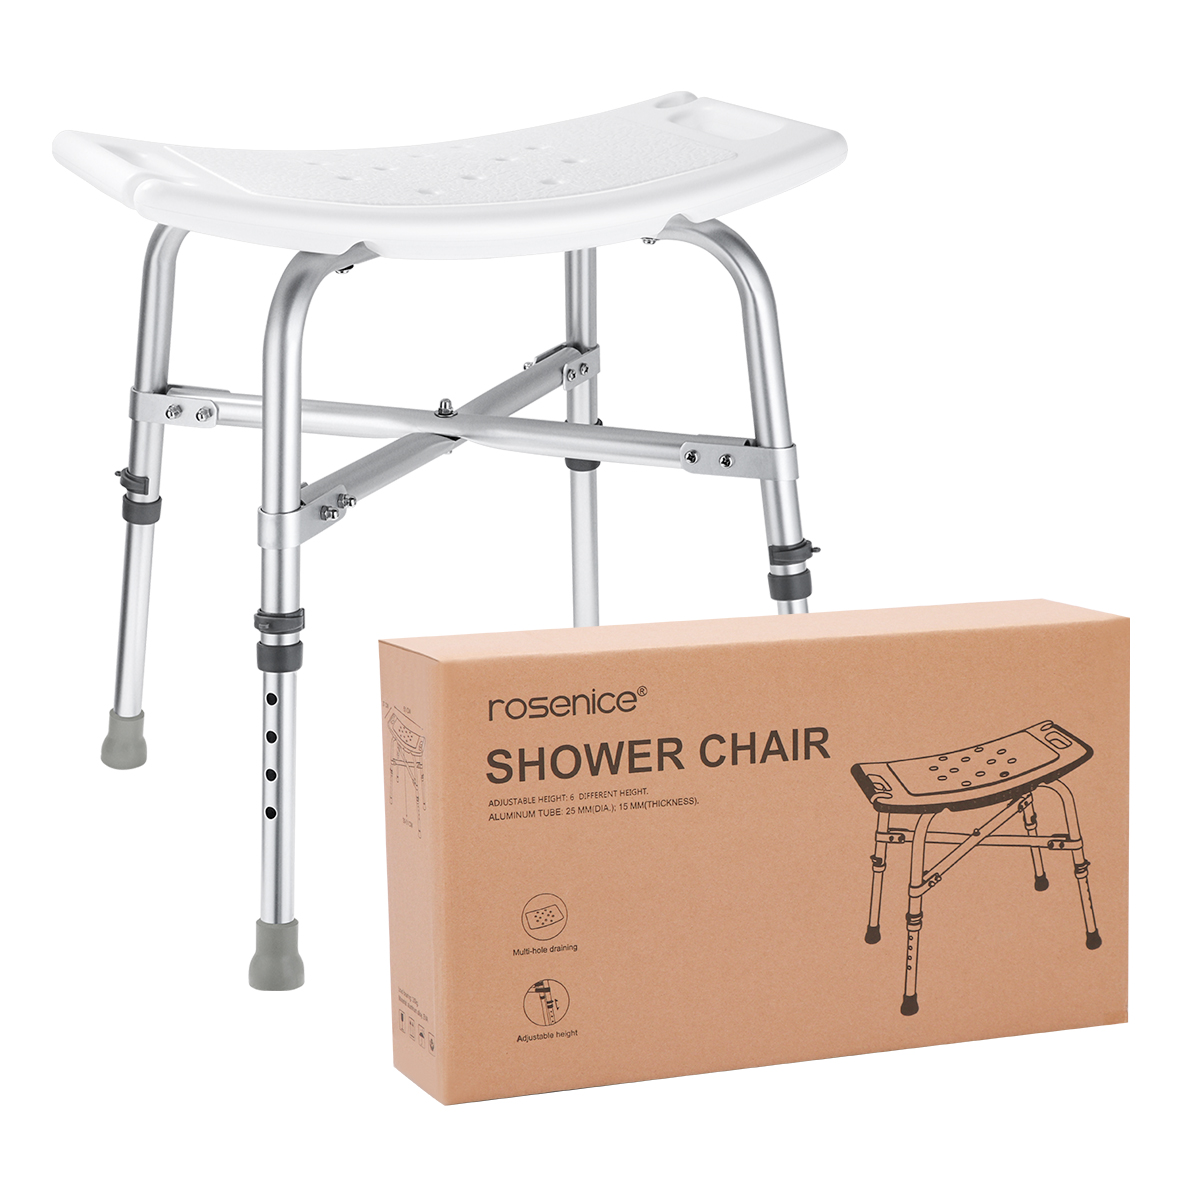 Rosenice Einstellbare Langlebige Hocker Sitz Badewanne Bench Dusche Stuhl Für Home Bad Alte Person